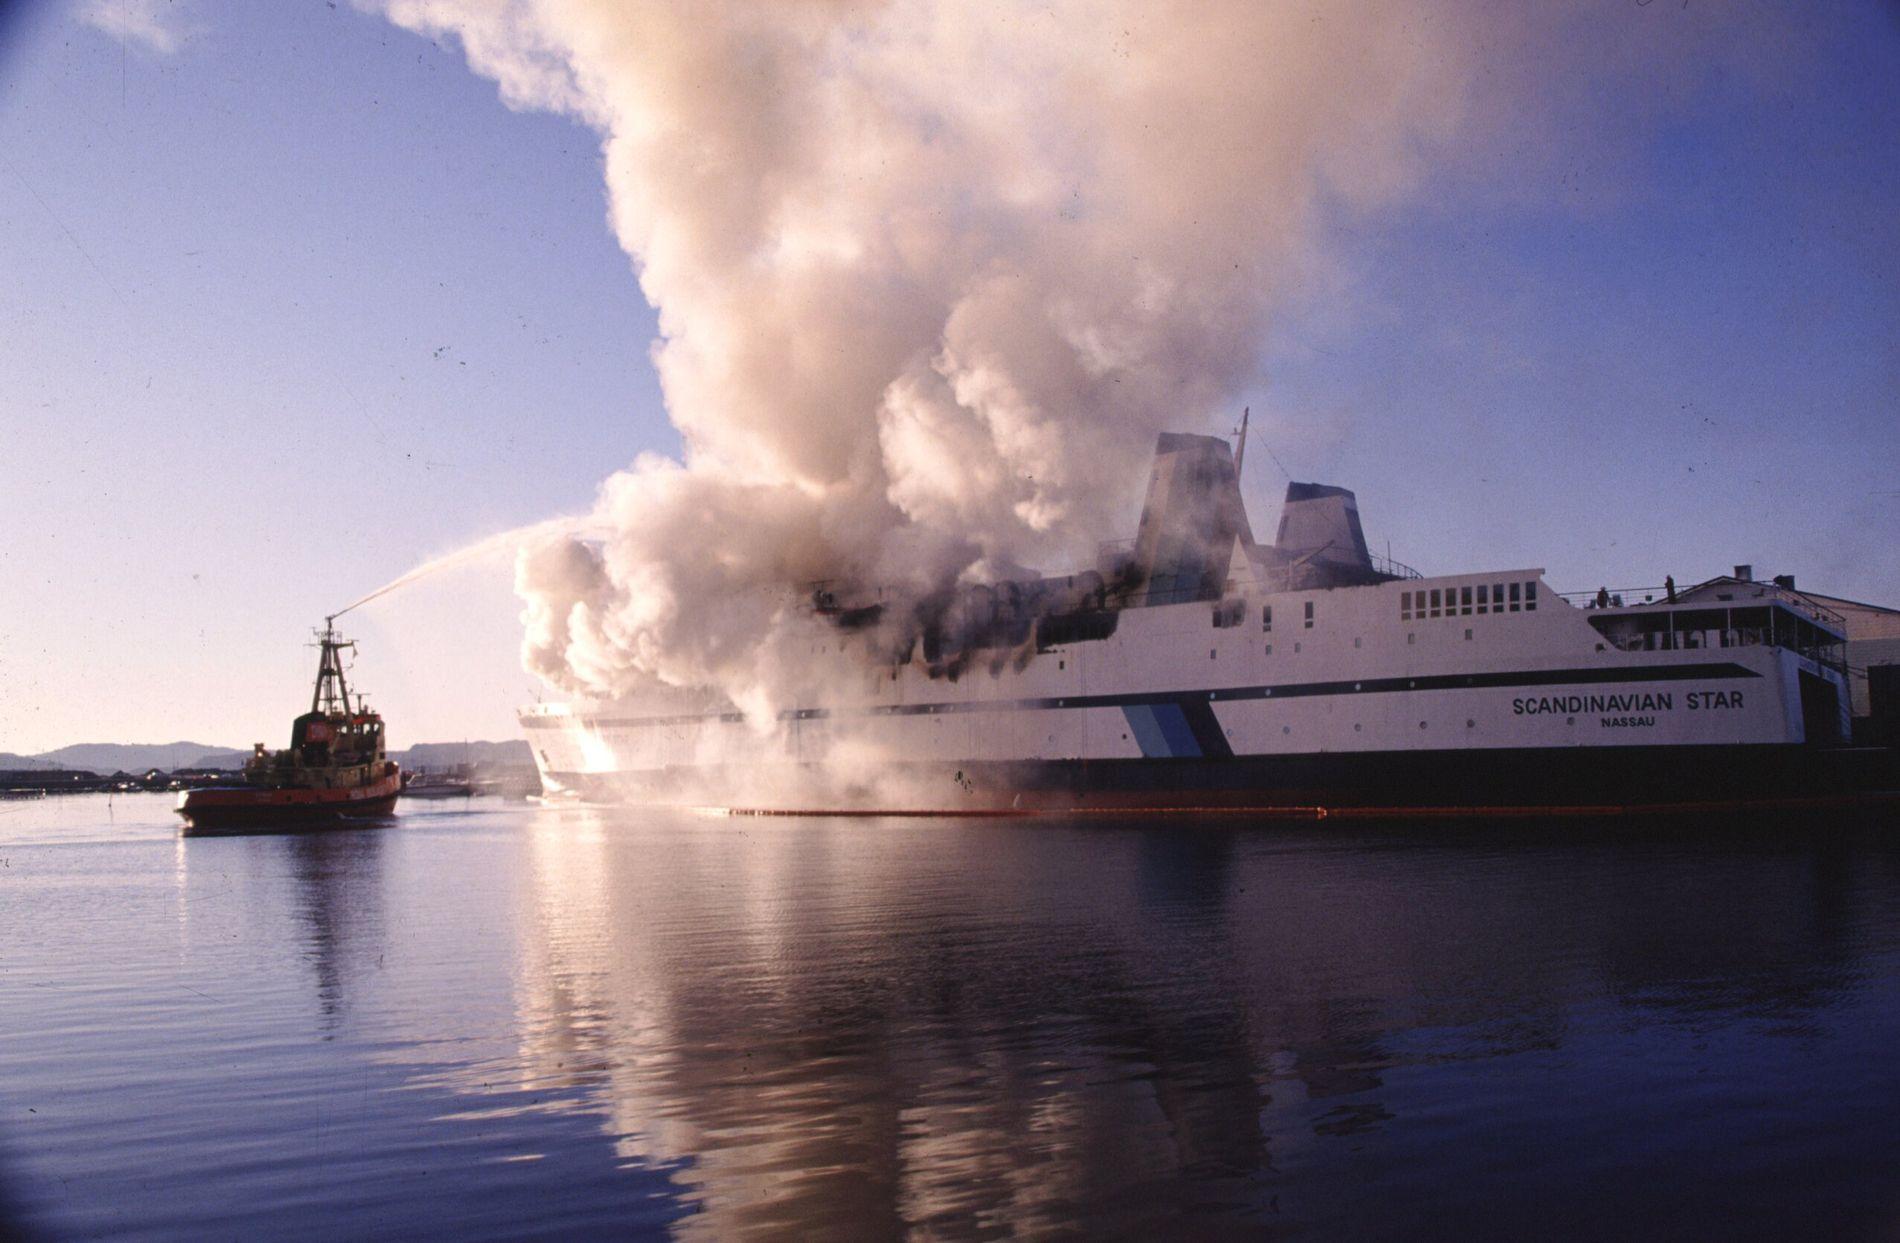 BLIR TV-SERIE: 159 mennesker mistet livet da skipet Scandinavian Star brant natt til 7.april i 1990.